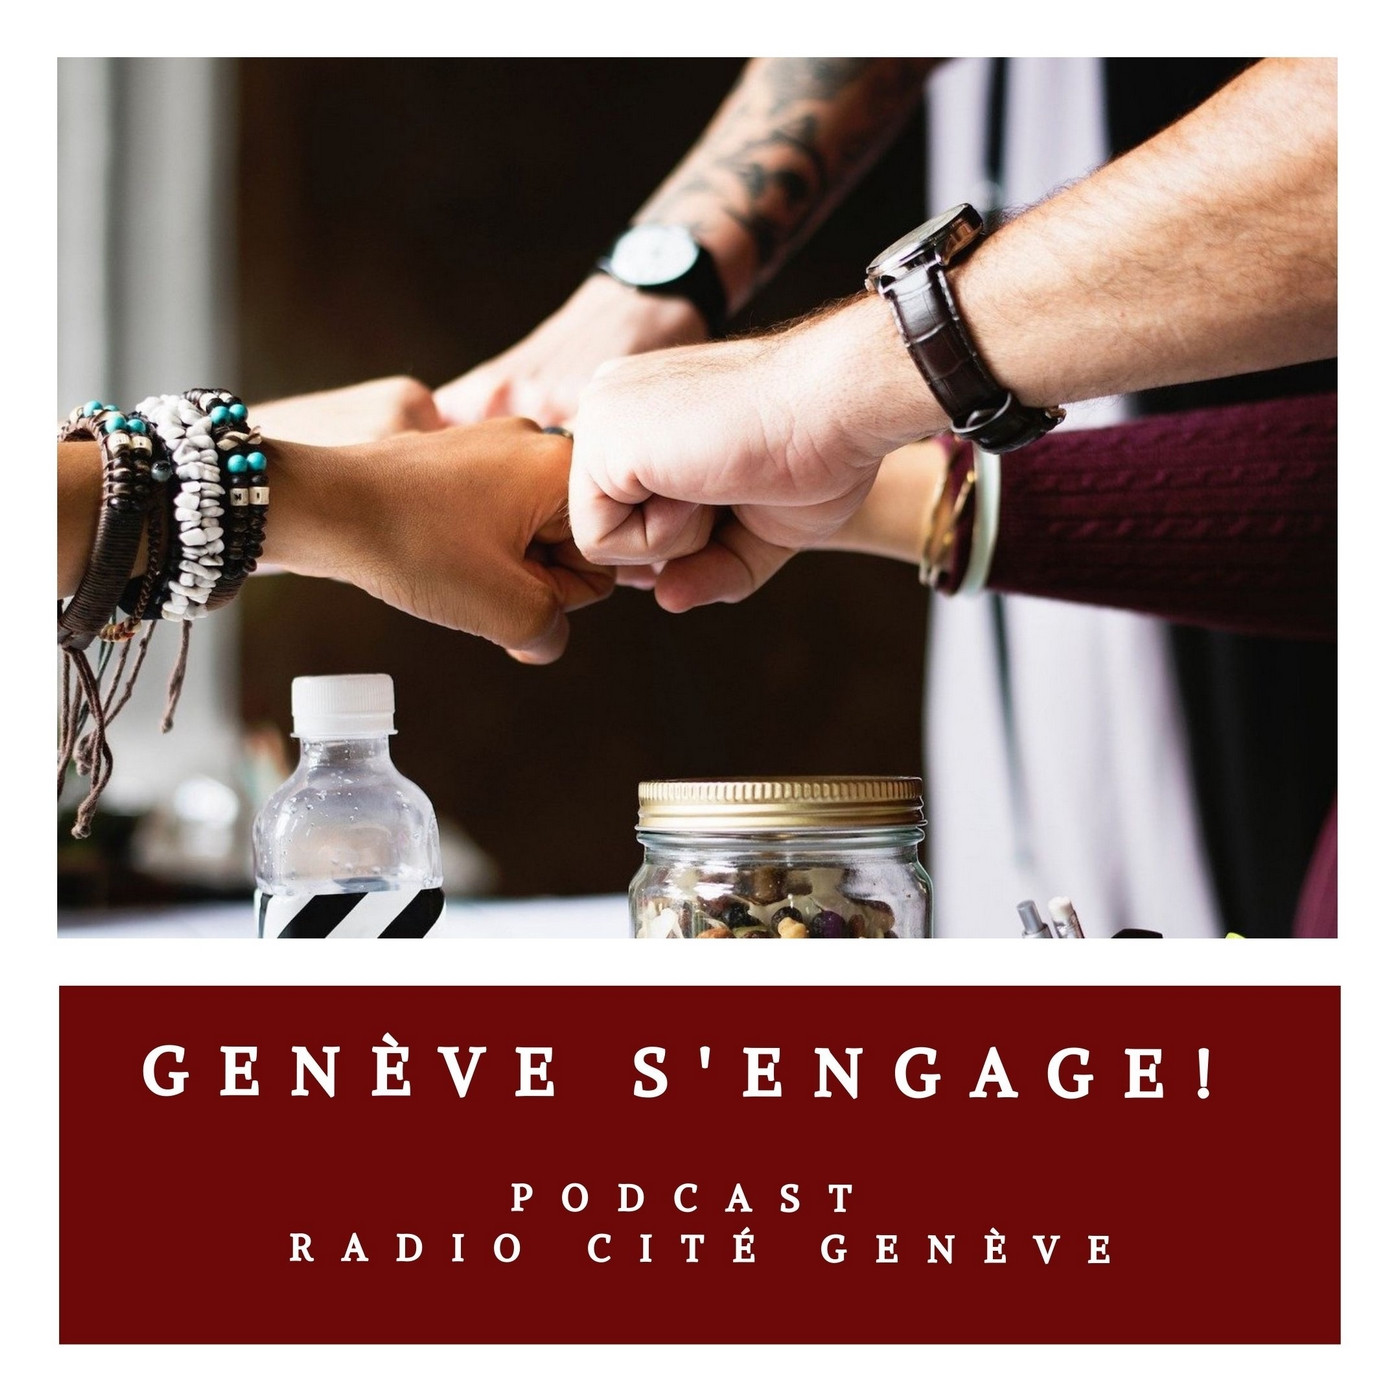 21/01/2021 - Genève s'engage pour la danse intégrée